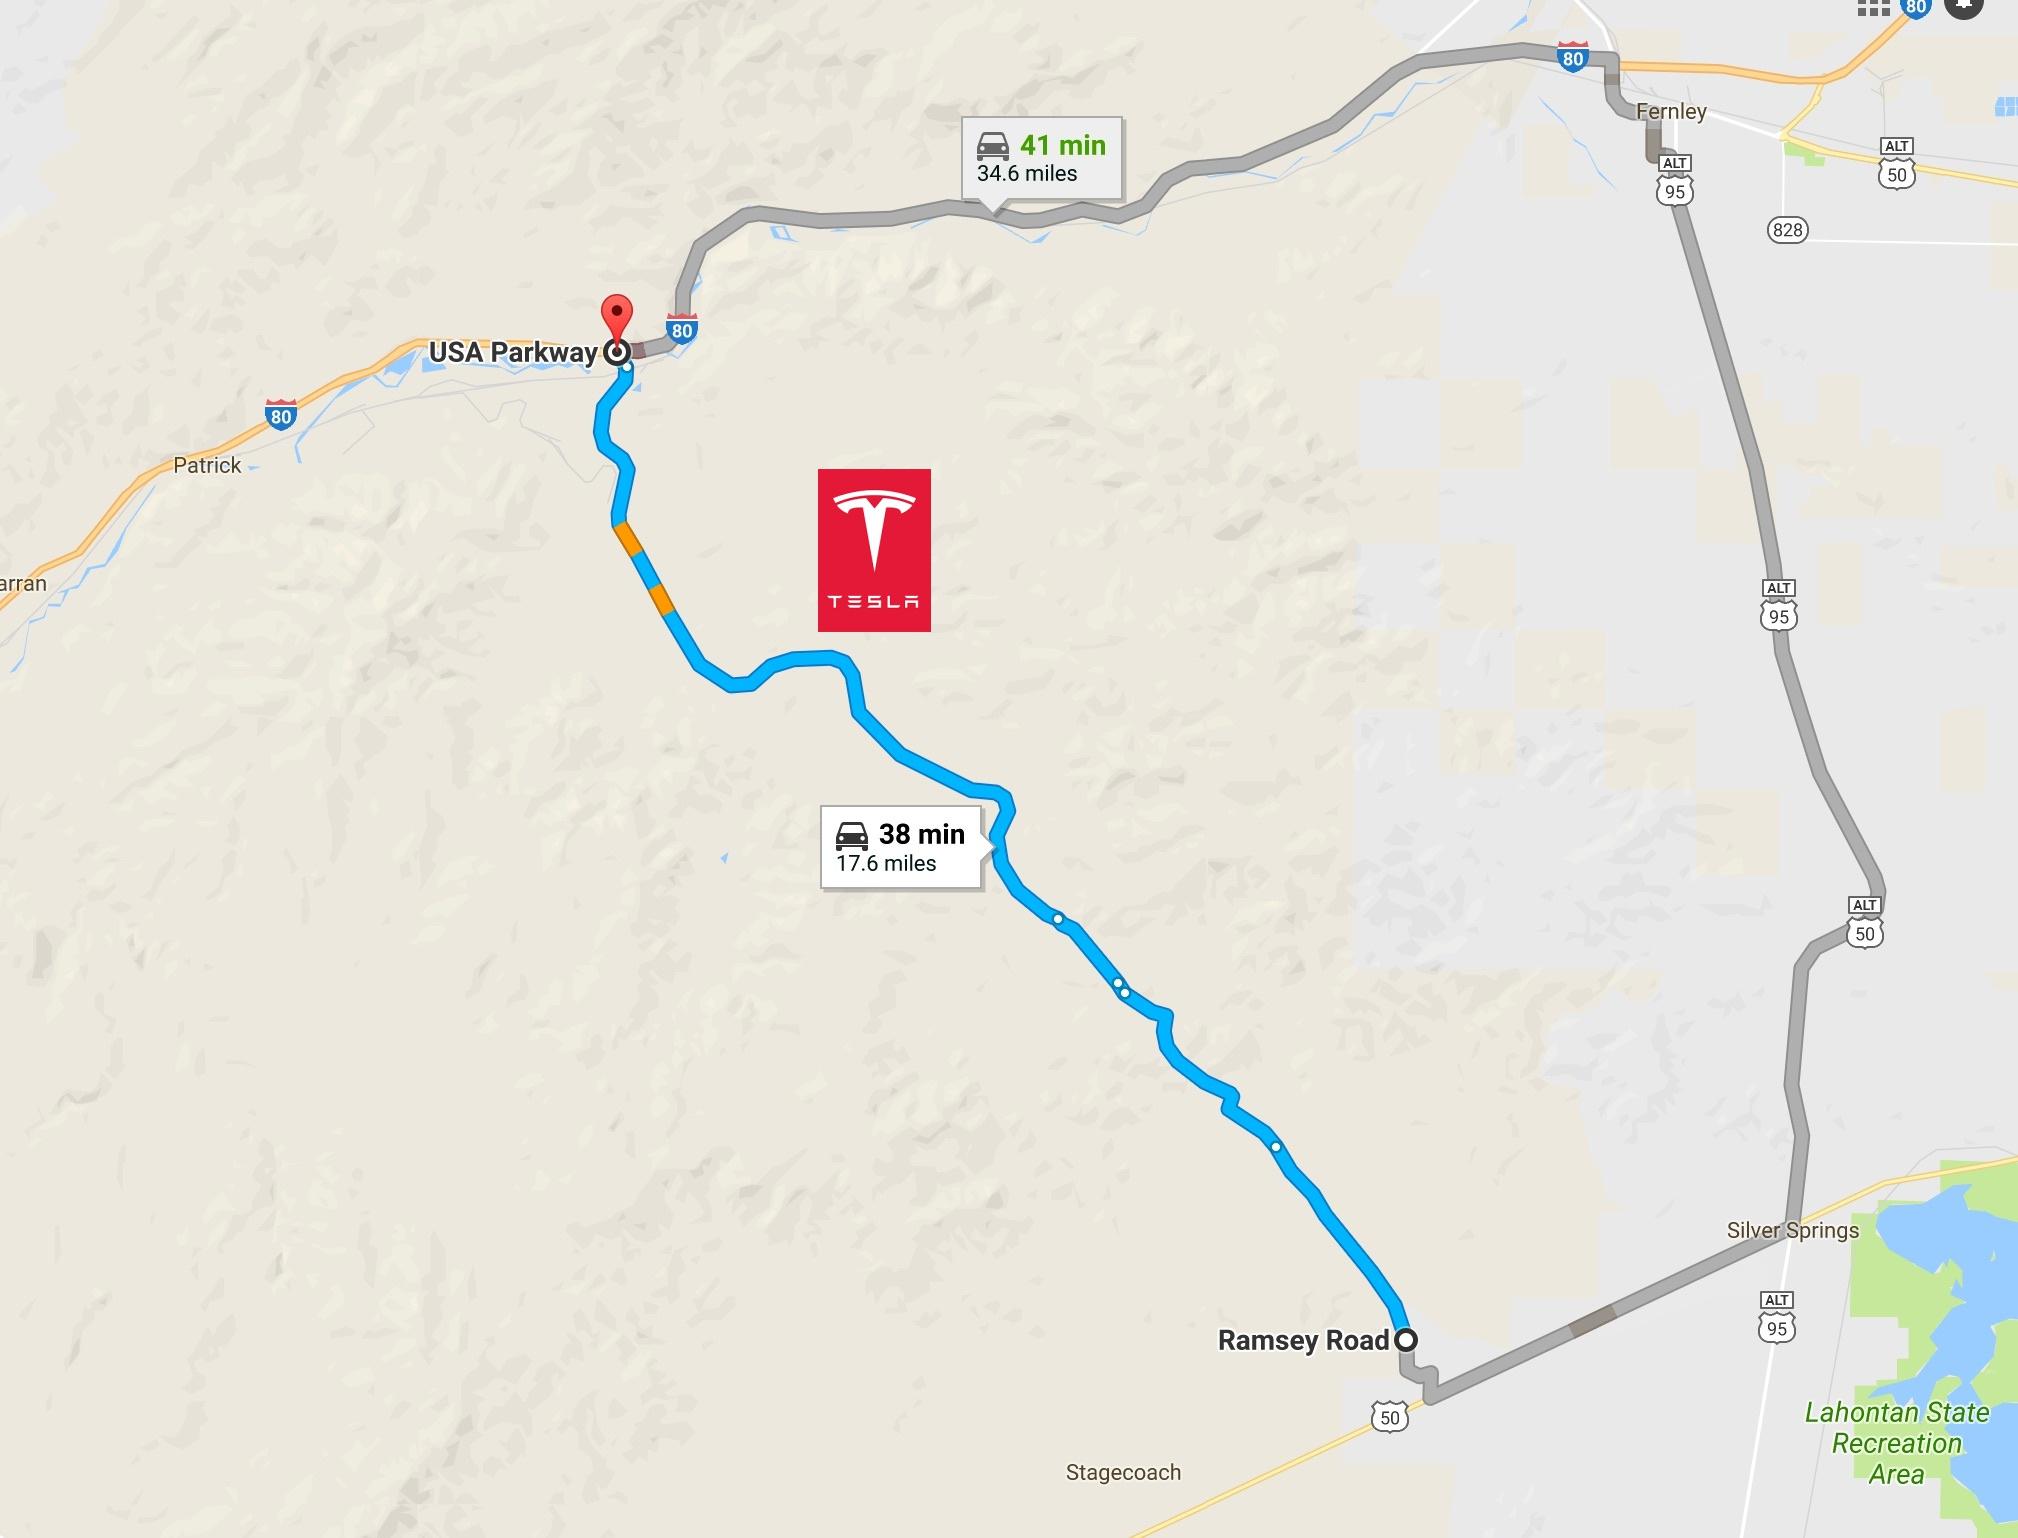 Tesla Gigafactory Usa Parkway Map Teslarati Com